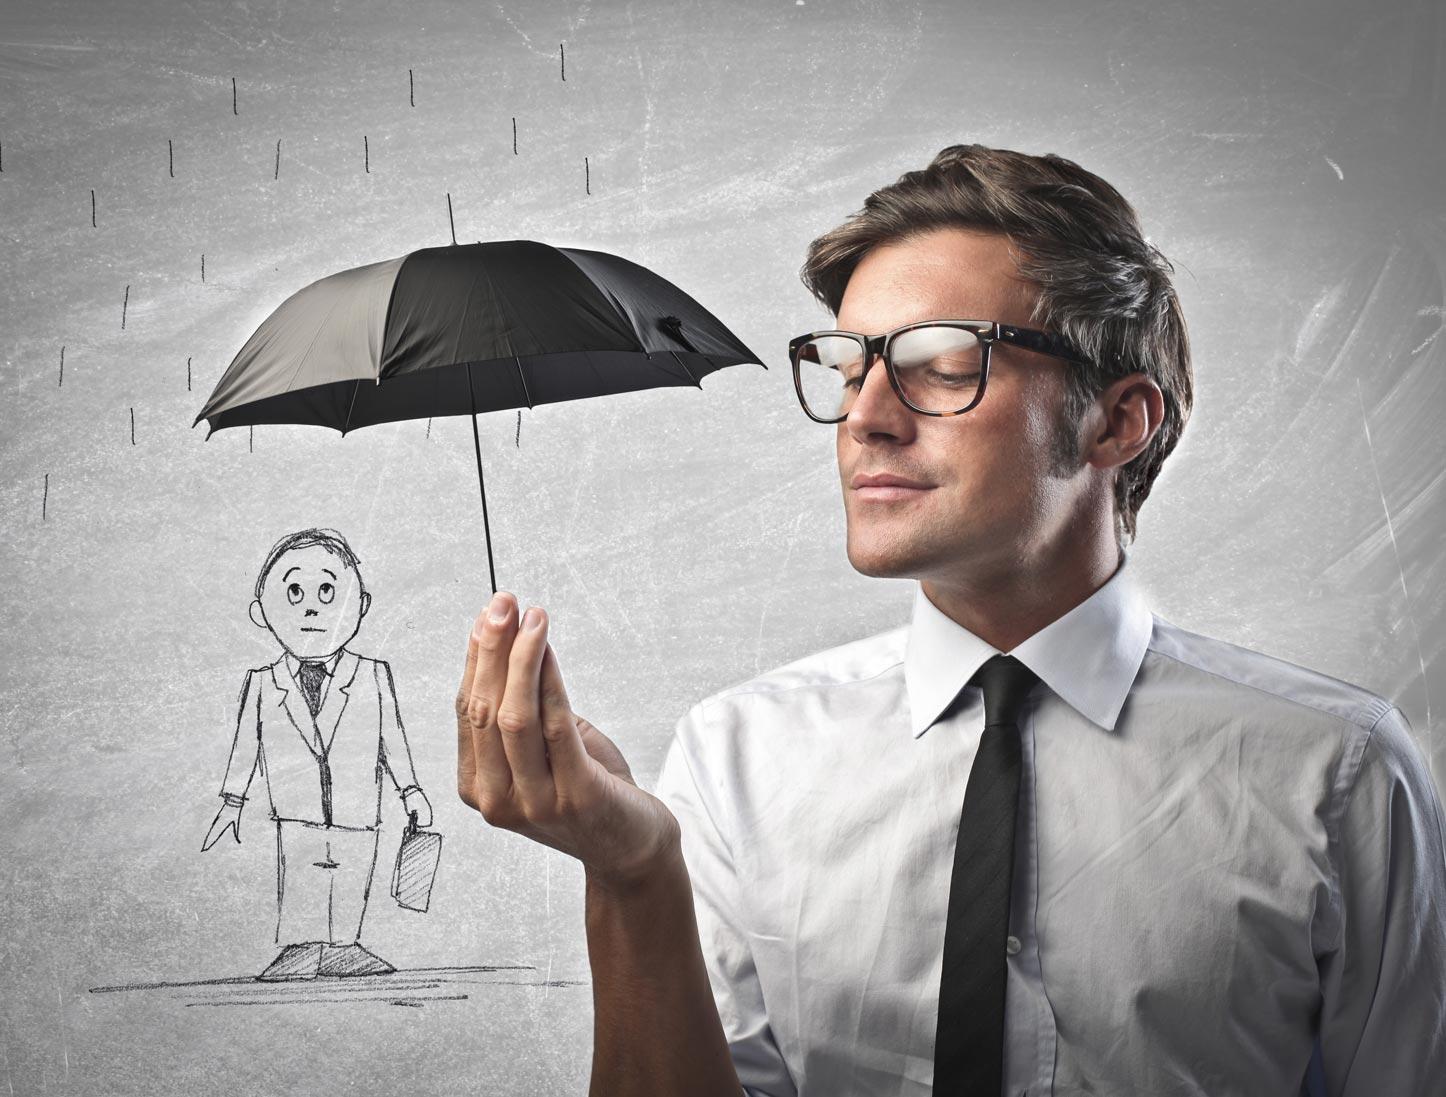 פוליסת אובדן כושר עבודה